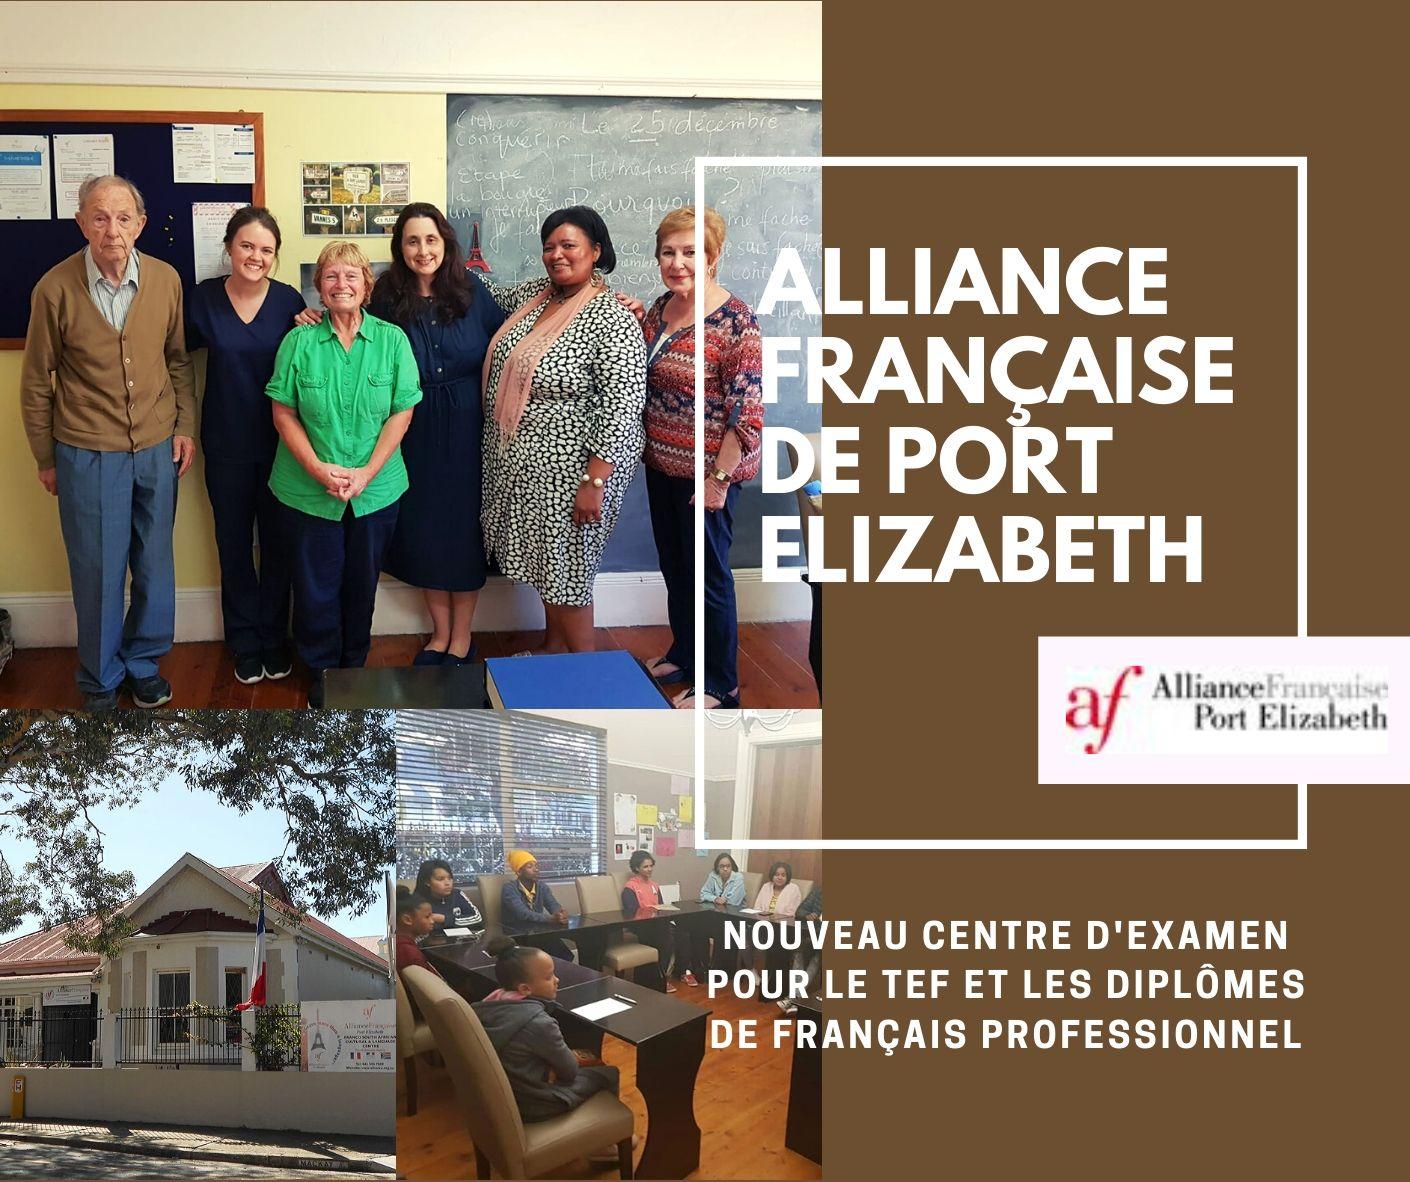 Alliance Française de Port Elizabeth